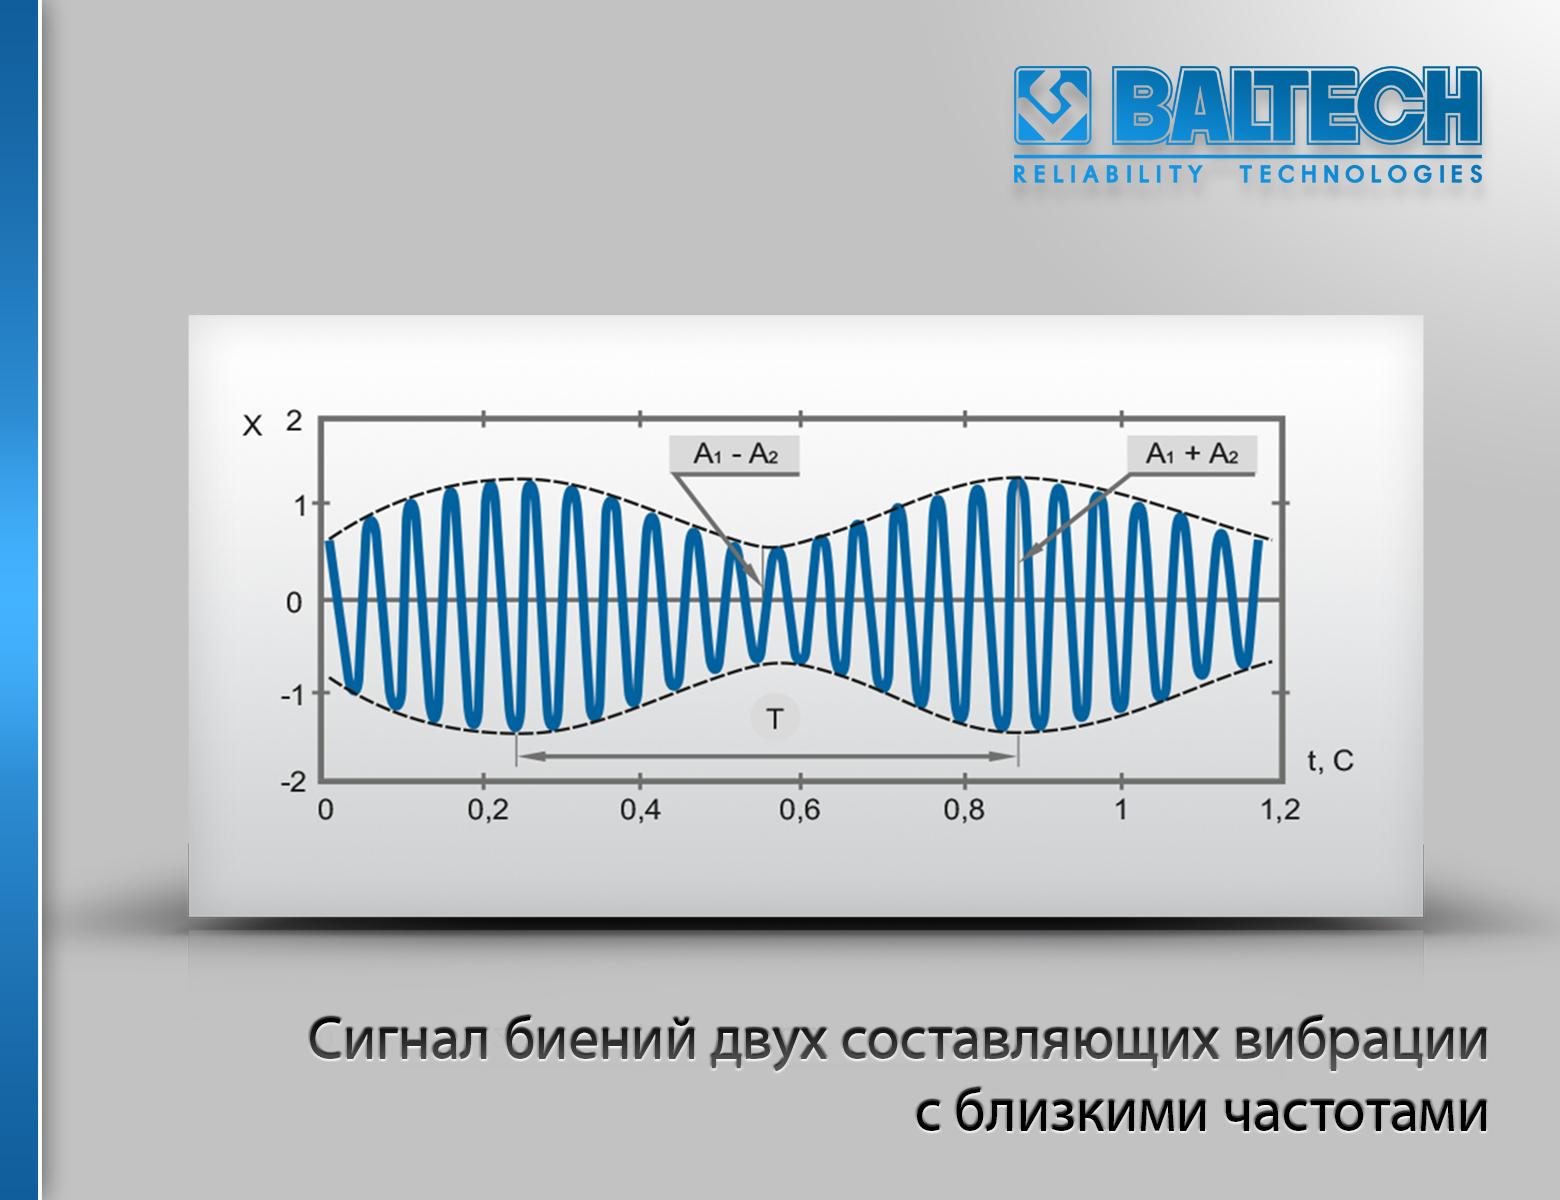 Сигнал биений двух составляющих вибрации с близкими частотами, анализ вибрации, вибродиагностика